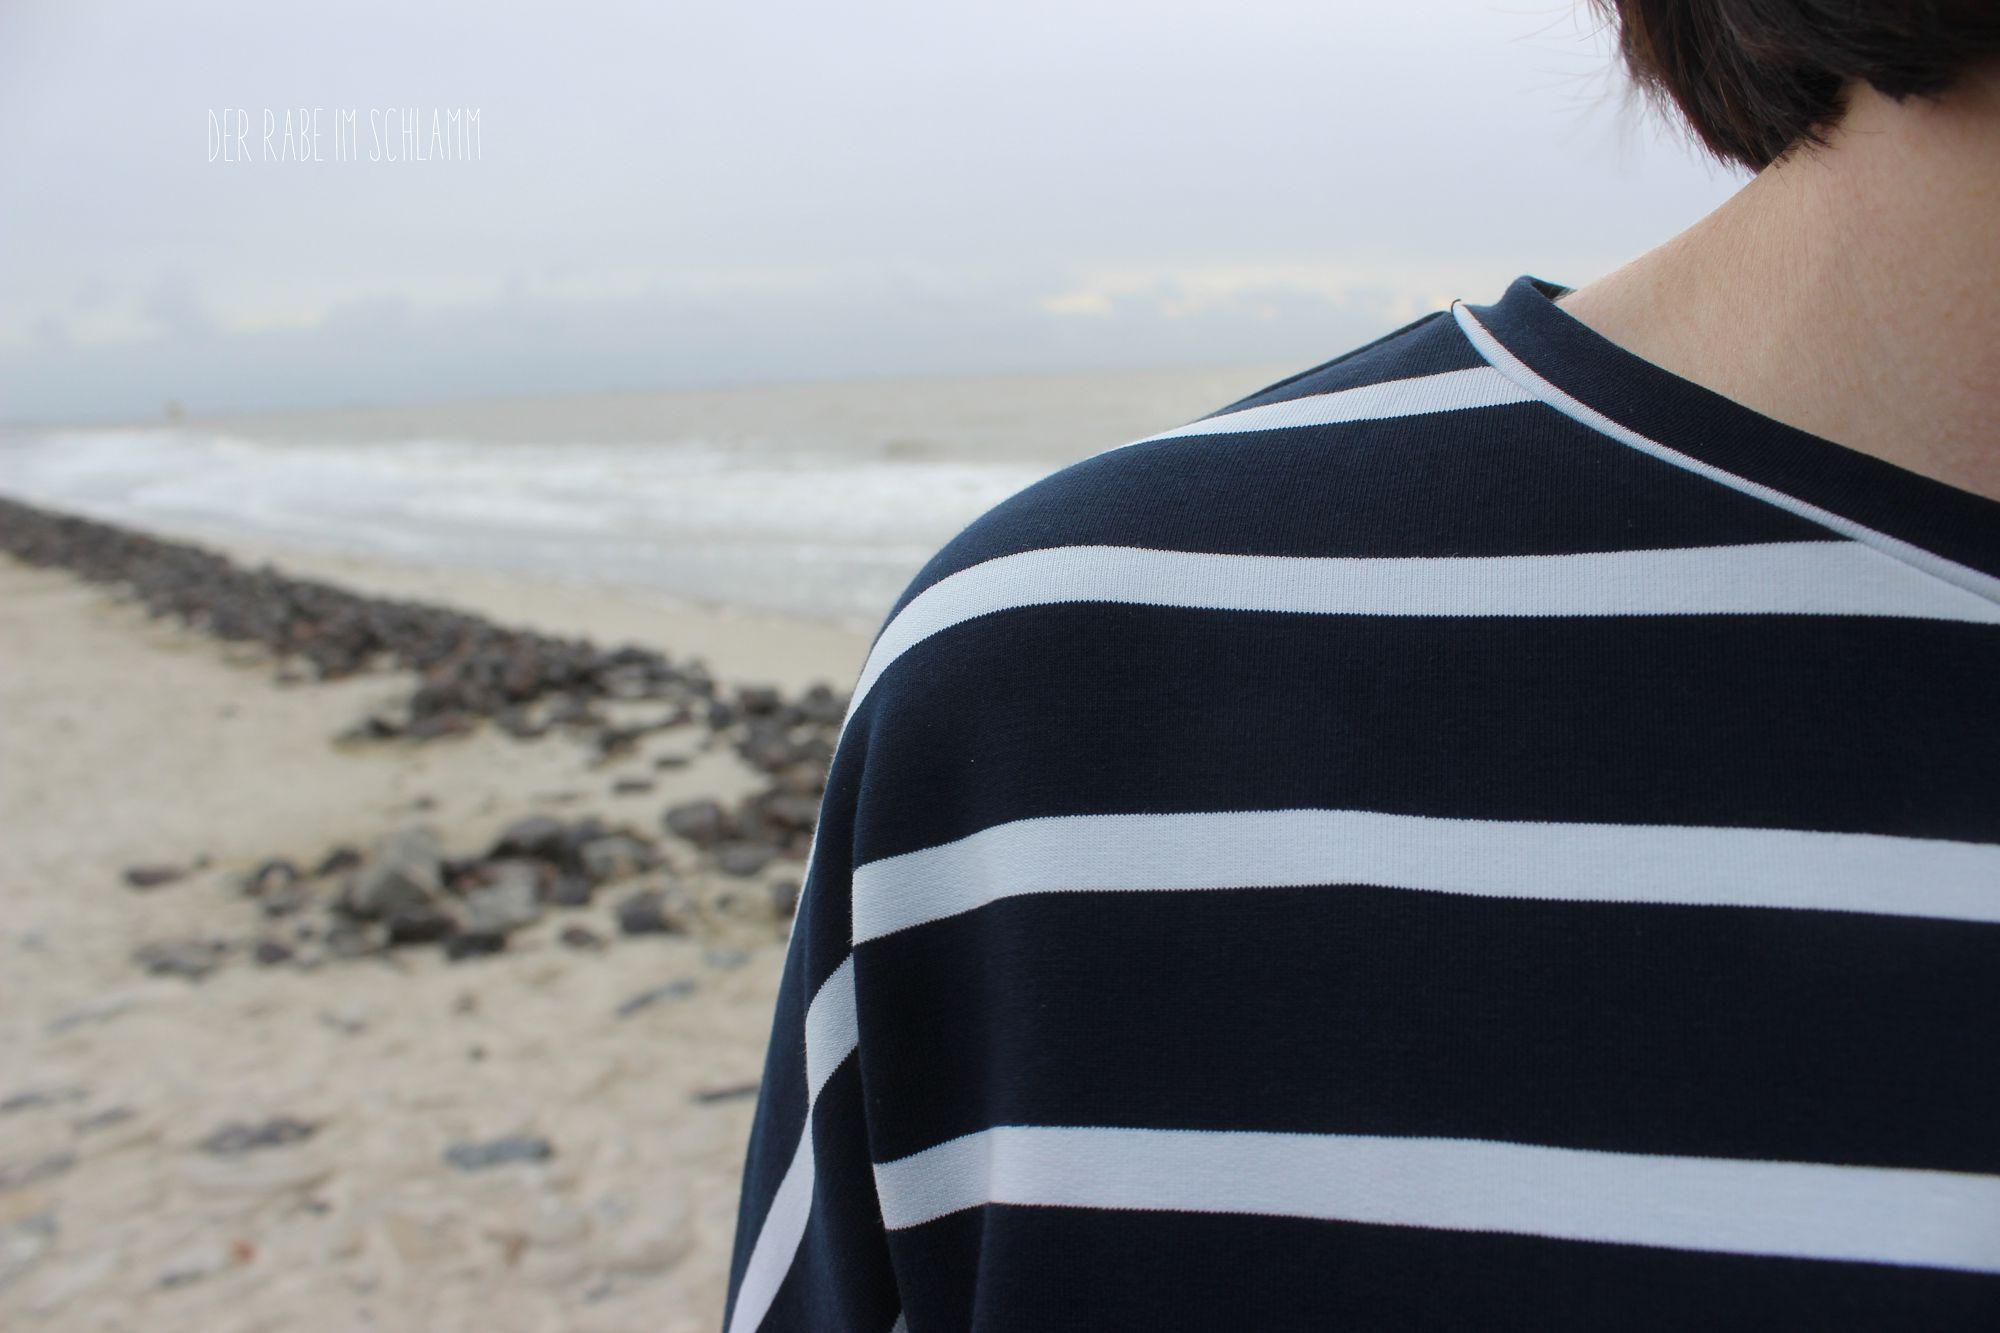 Der Rabe im Schlamm, Oversize, Nähen, Nosh, Sweatshirt, Ringelshirt, Stoff&Stil, Schnittmuster, Damen